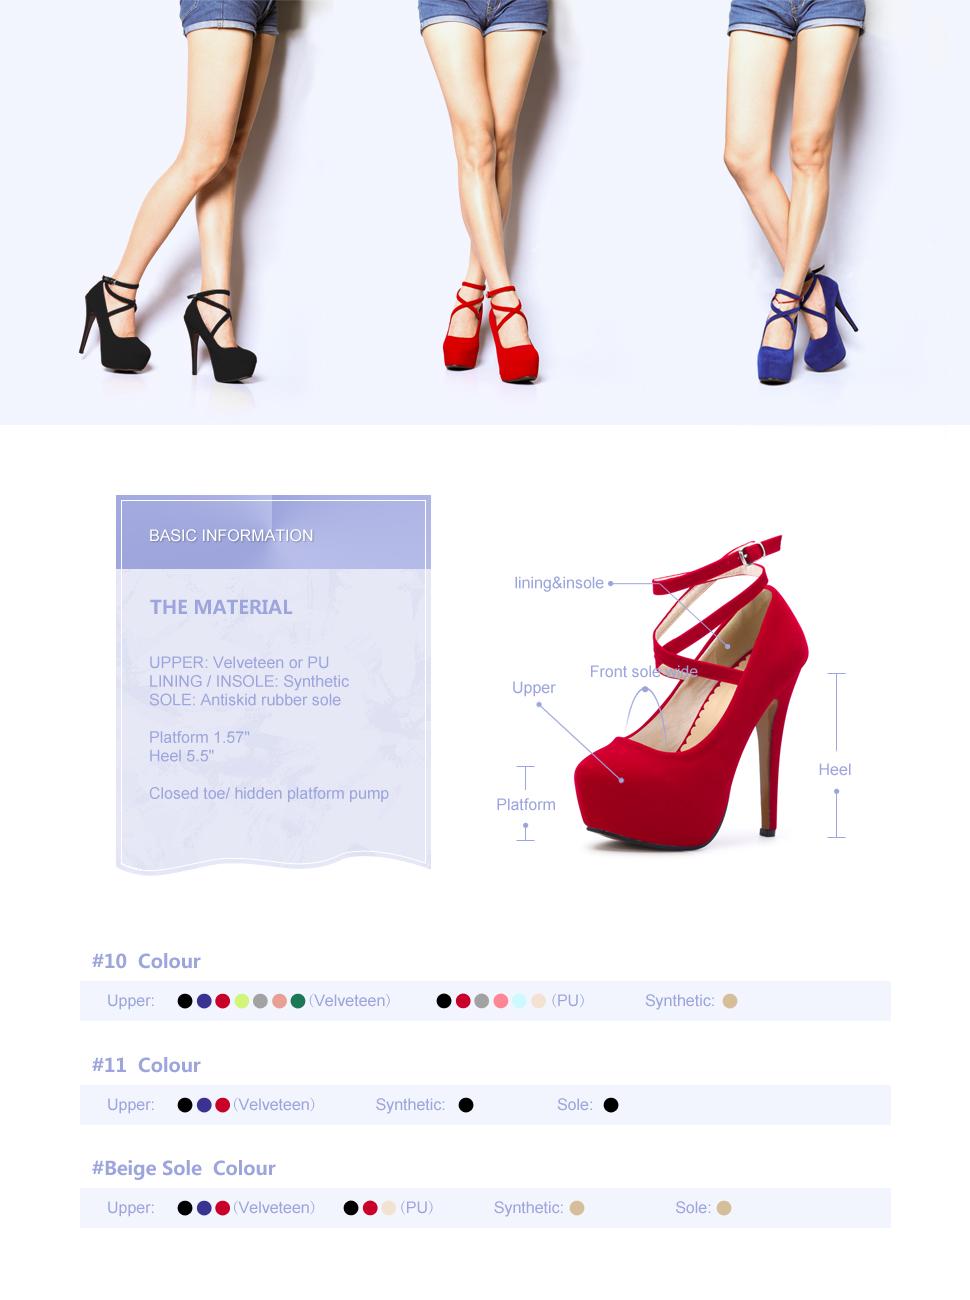 d95cac475fc7ad OCHENTA Femme Escarpins Bride Cheville Talon Aiguille Plateforme Epais  Fermeture Lacets Chaussures Club Soiree